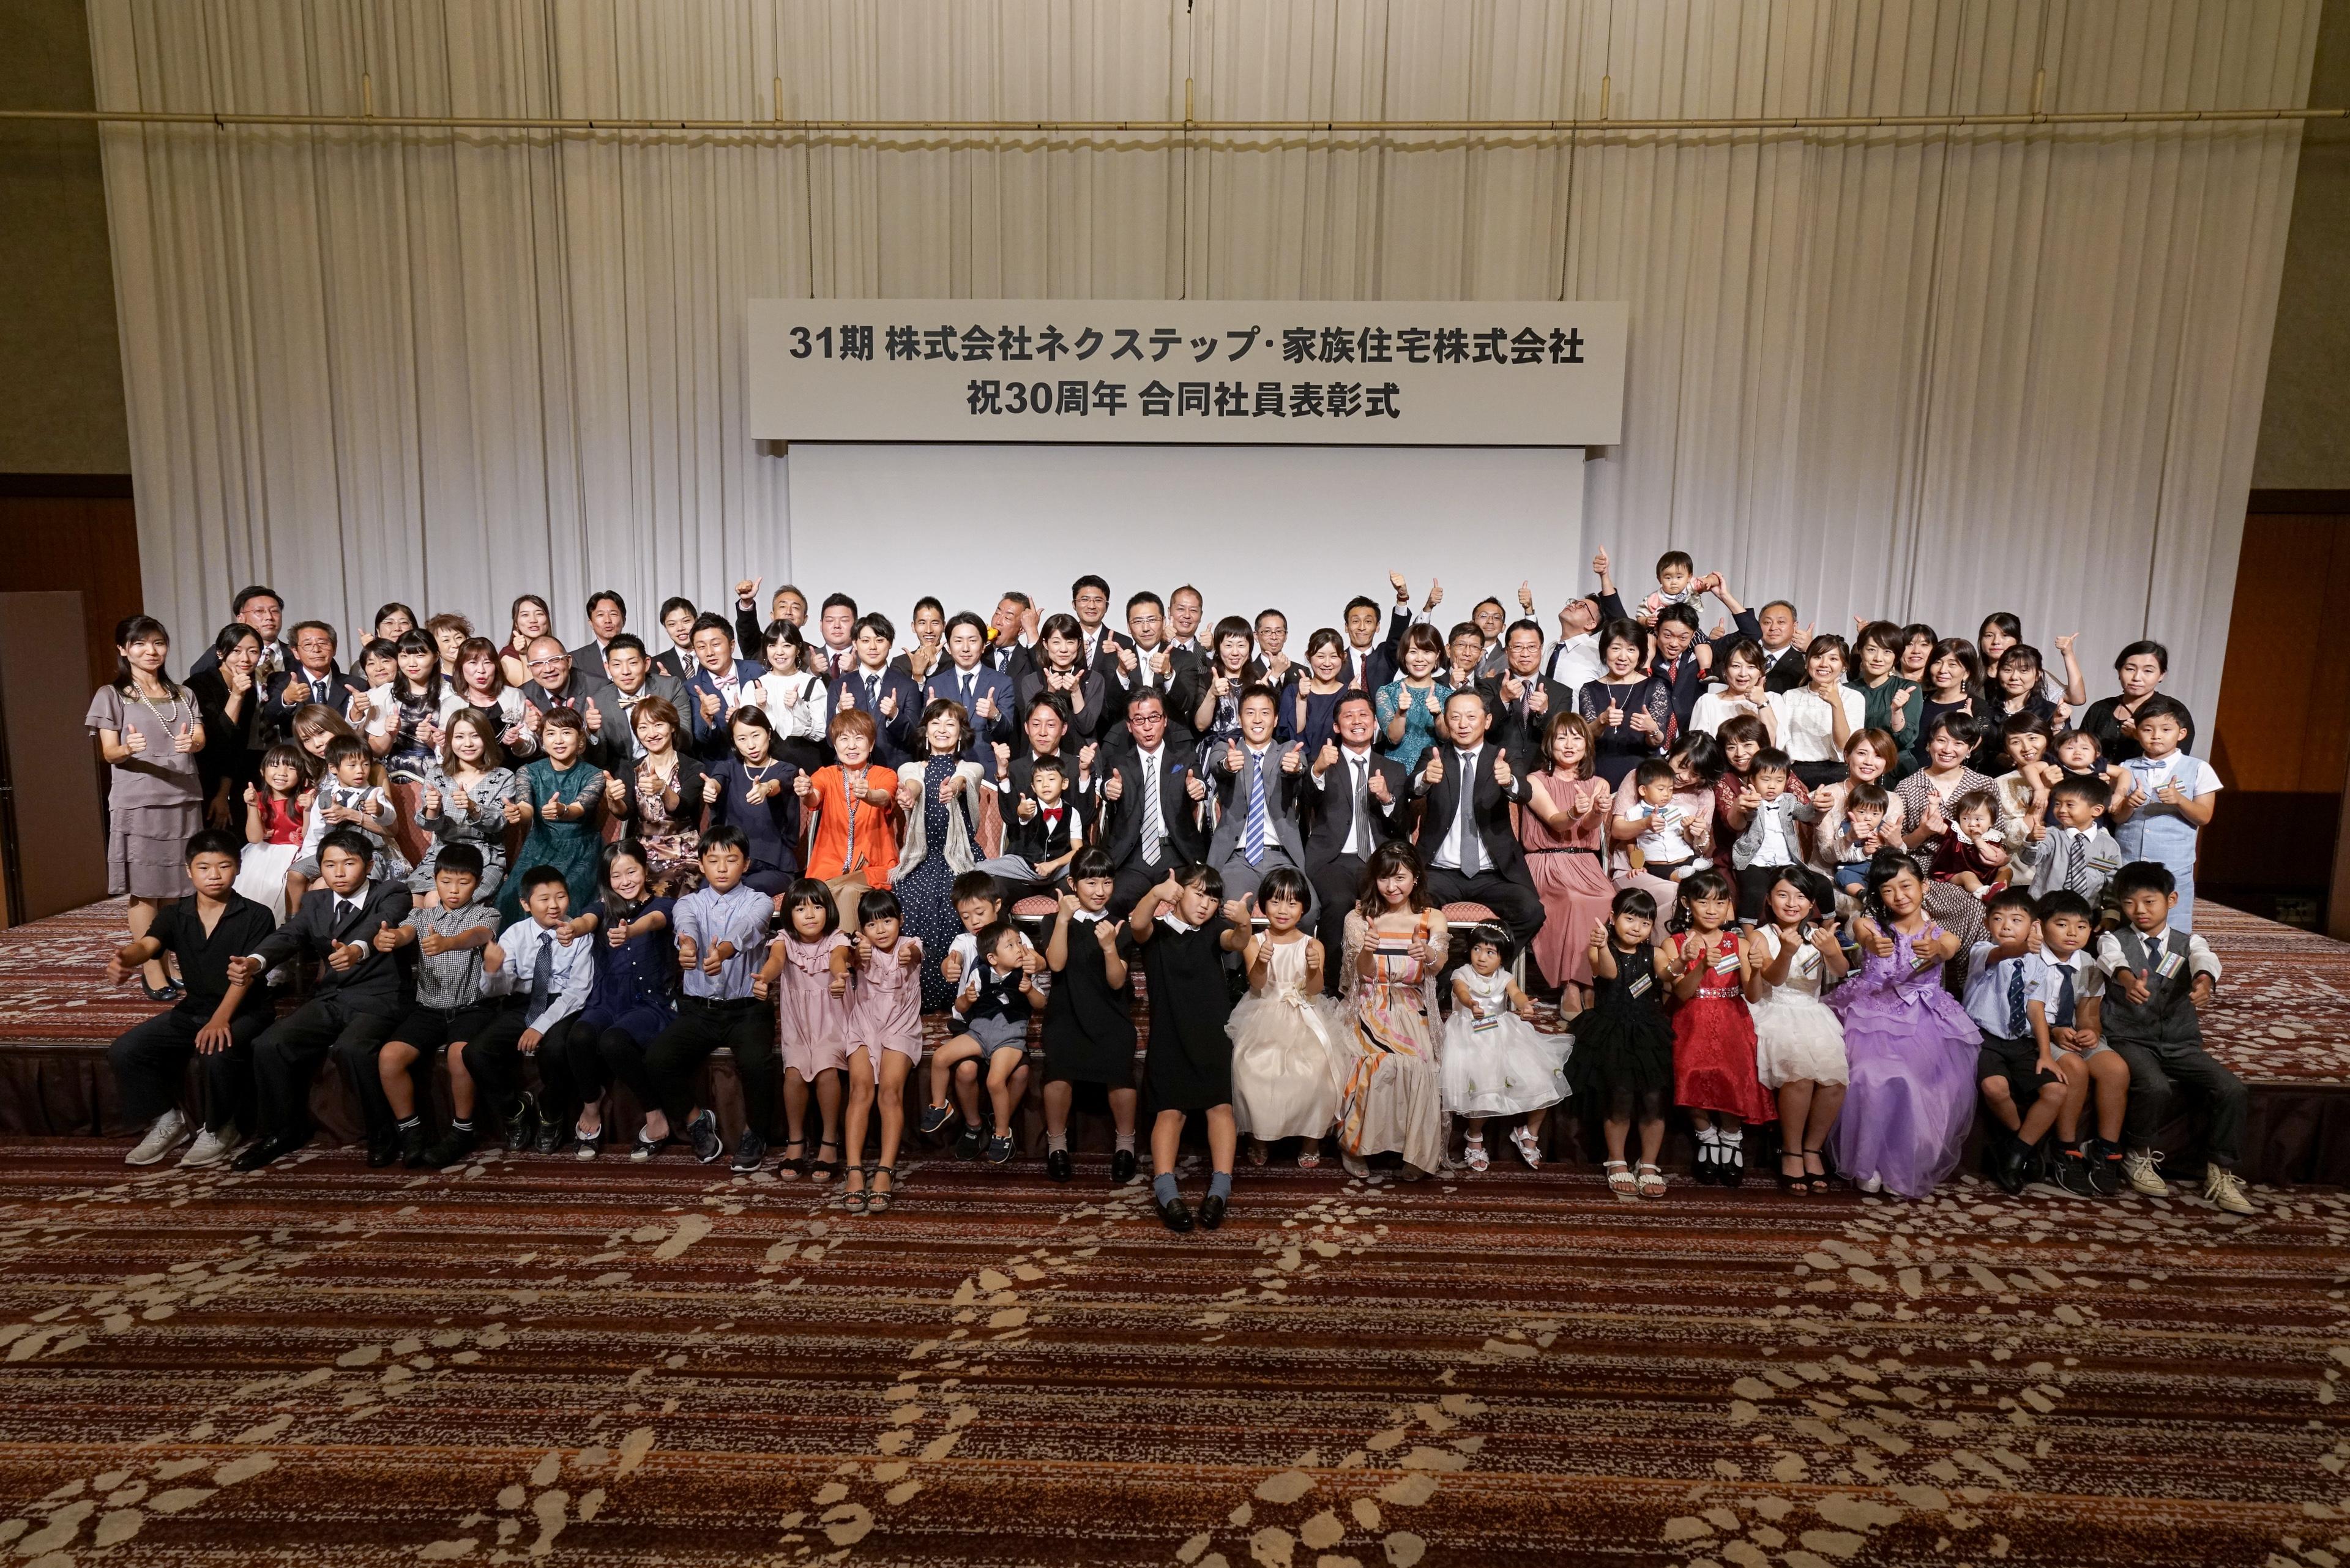 31期 ネクステップ家族住宅 合同社員表彰式